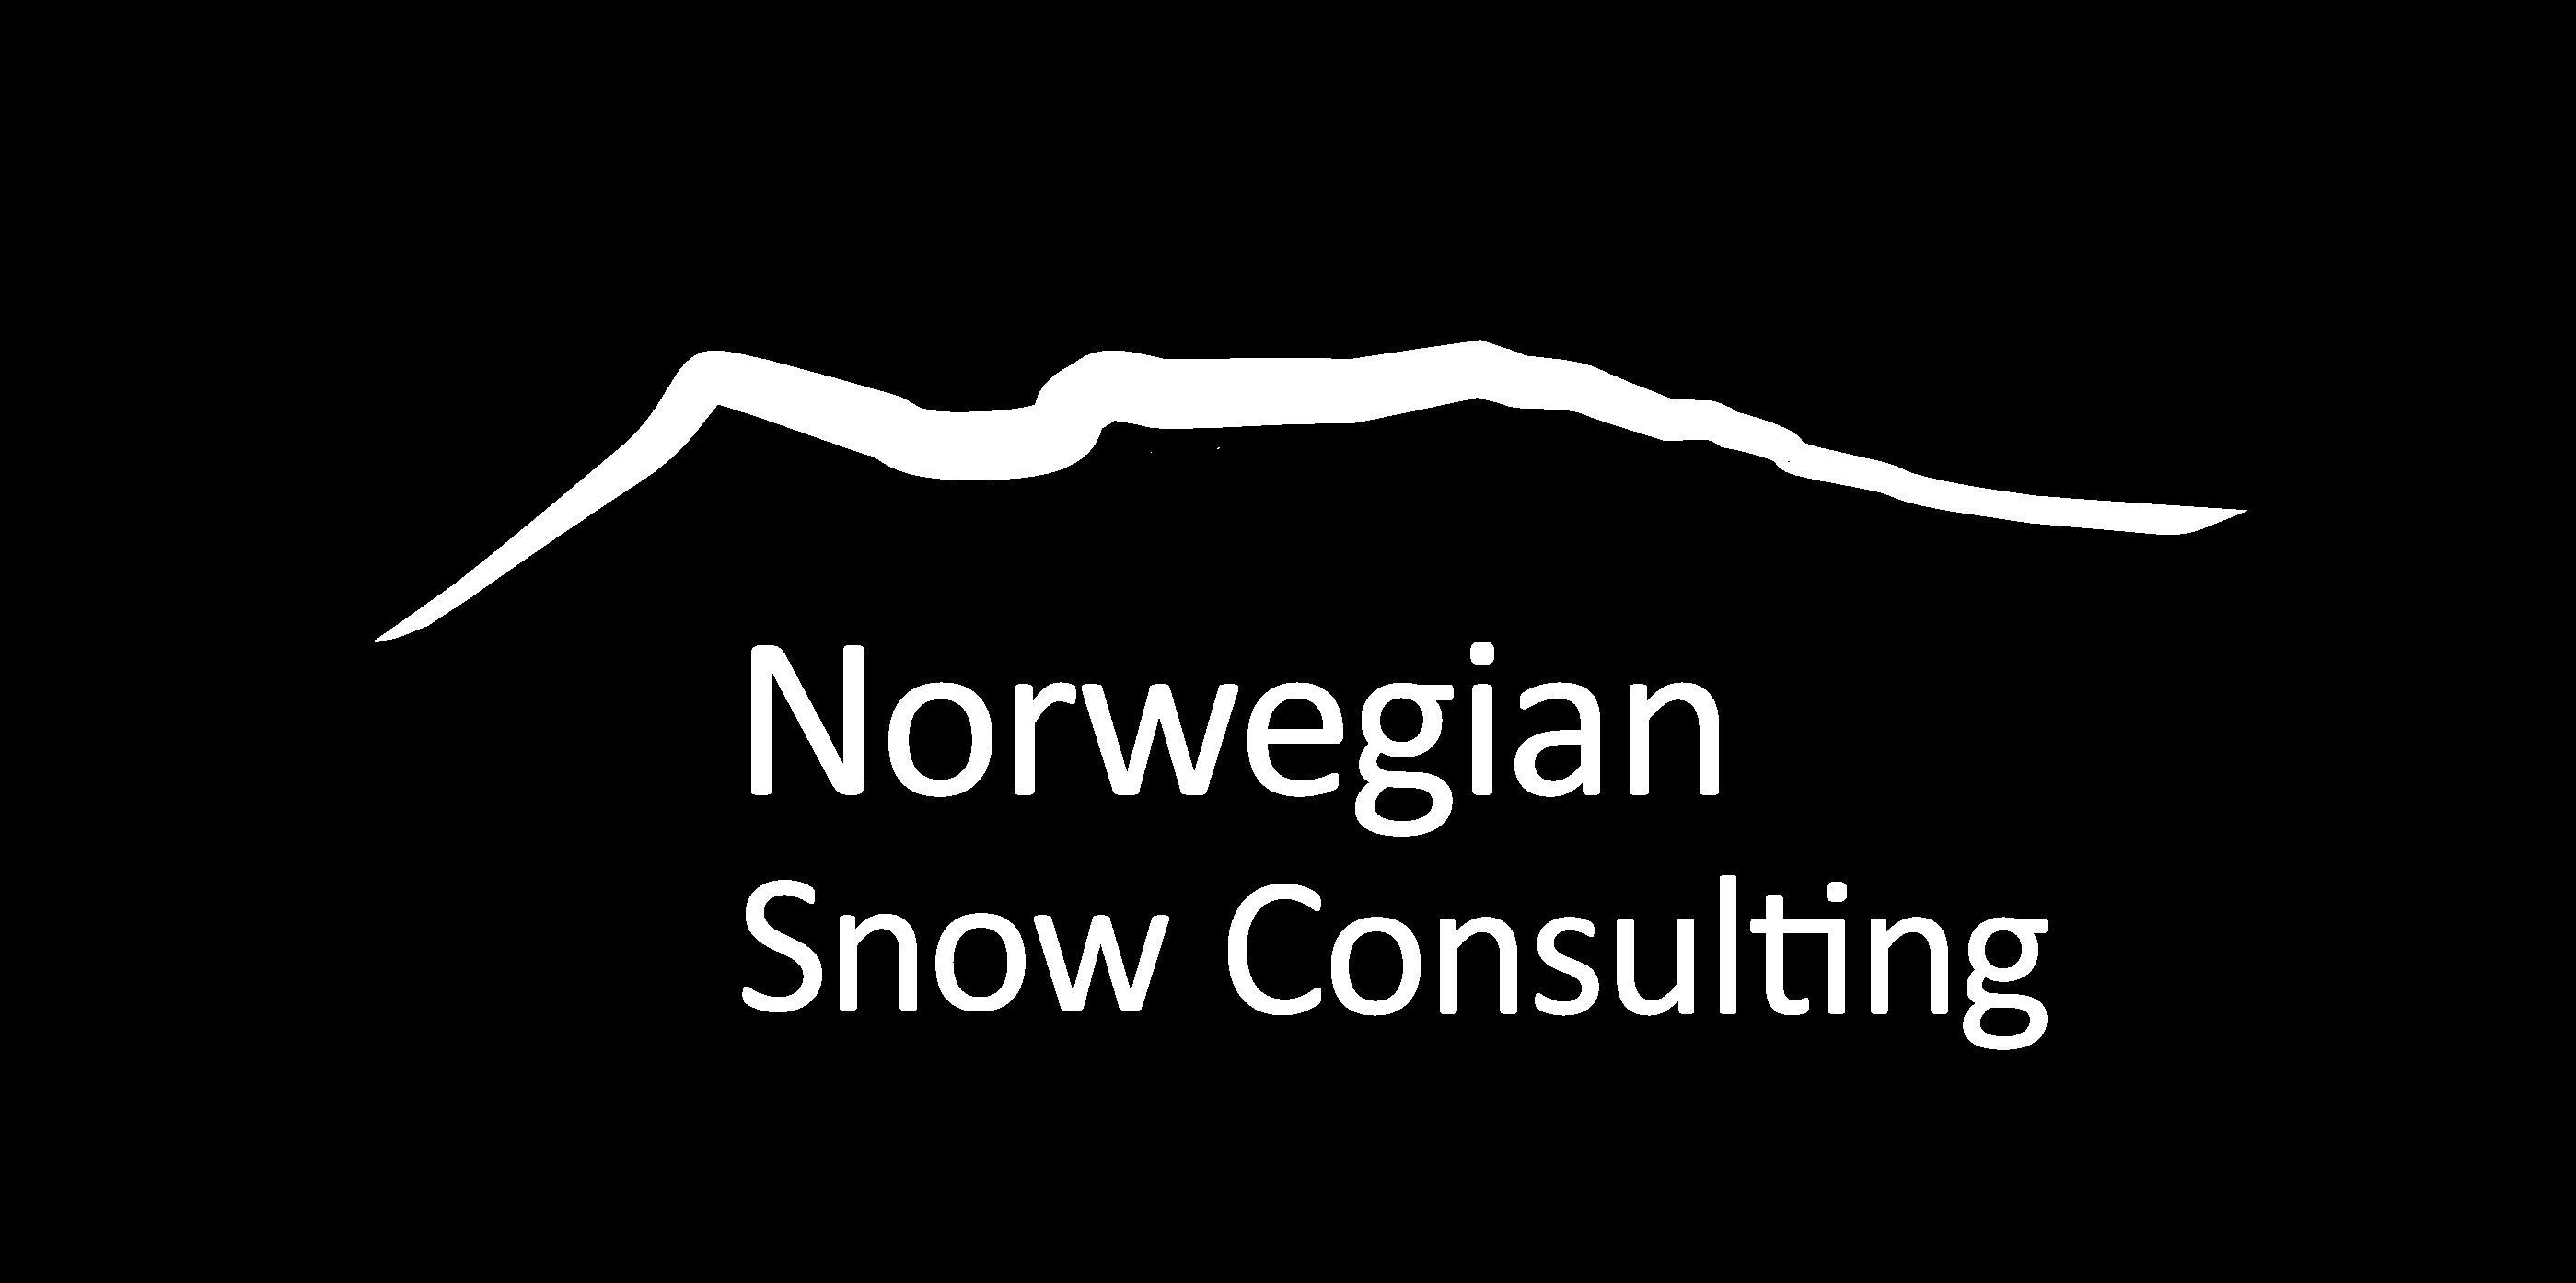 Norwegian Snow Consulting